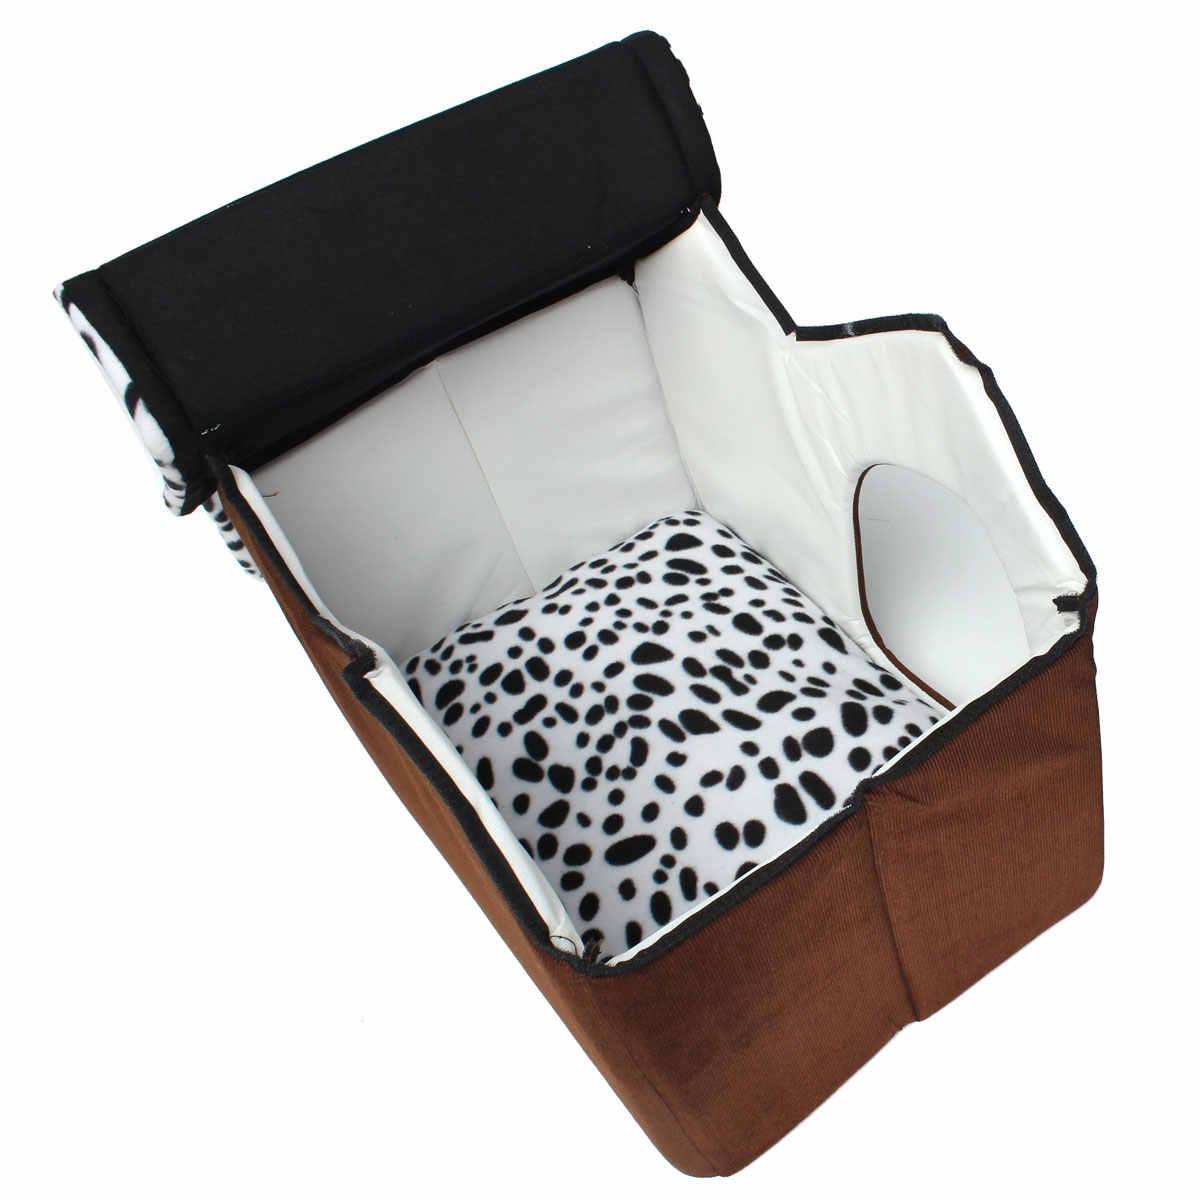 ポータブル 47.5 × 33.5 × 38 センチメートル高級スポットダブルトップ犬猫の睡眠ベッドウォームコージーセーター子犬 beding ホームパッド Cushioh